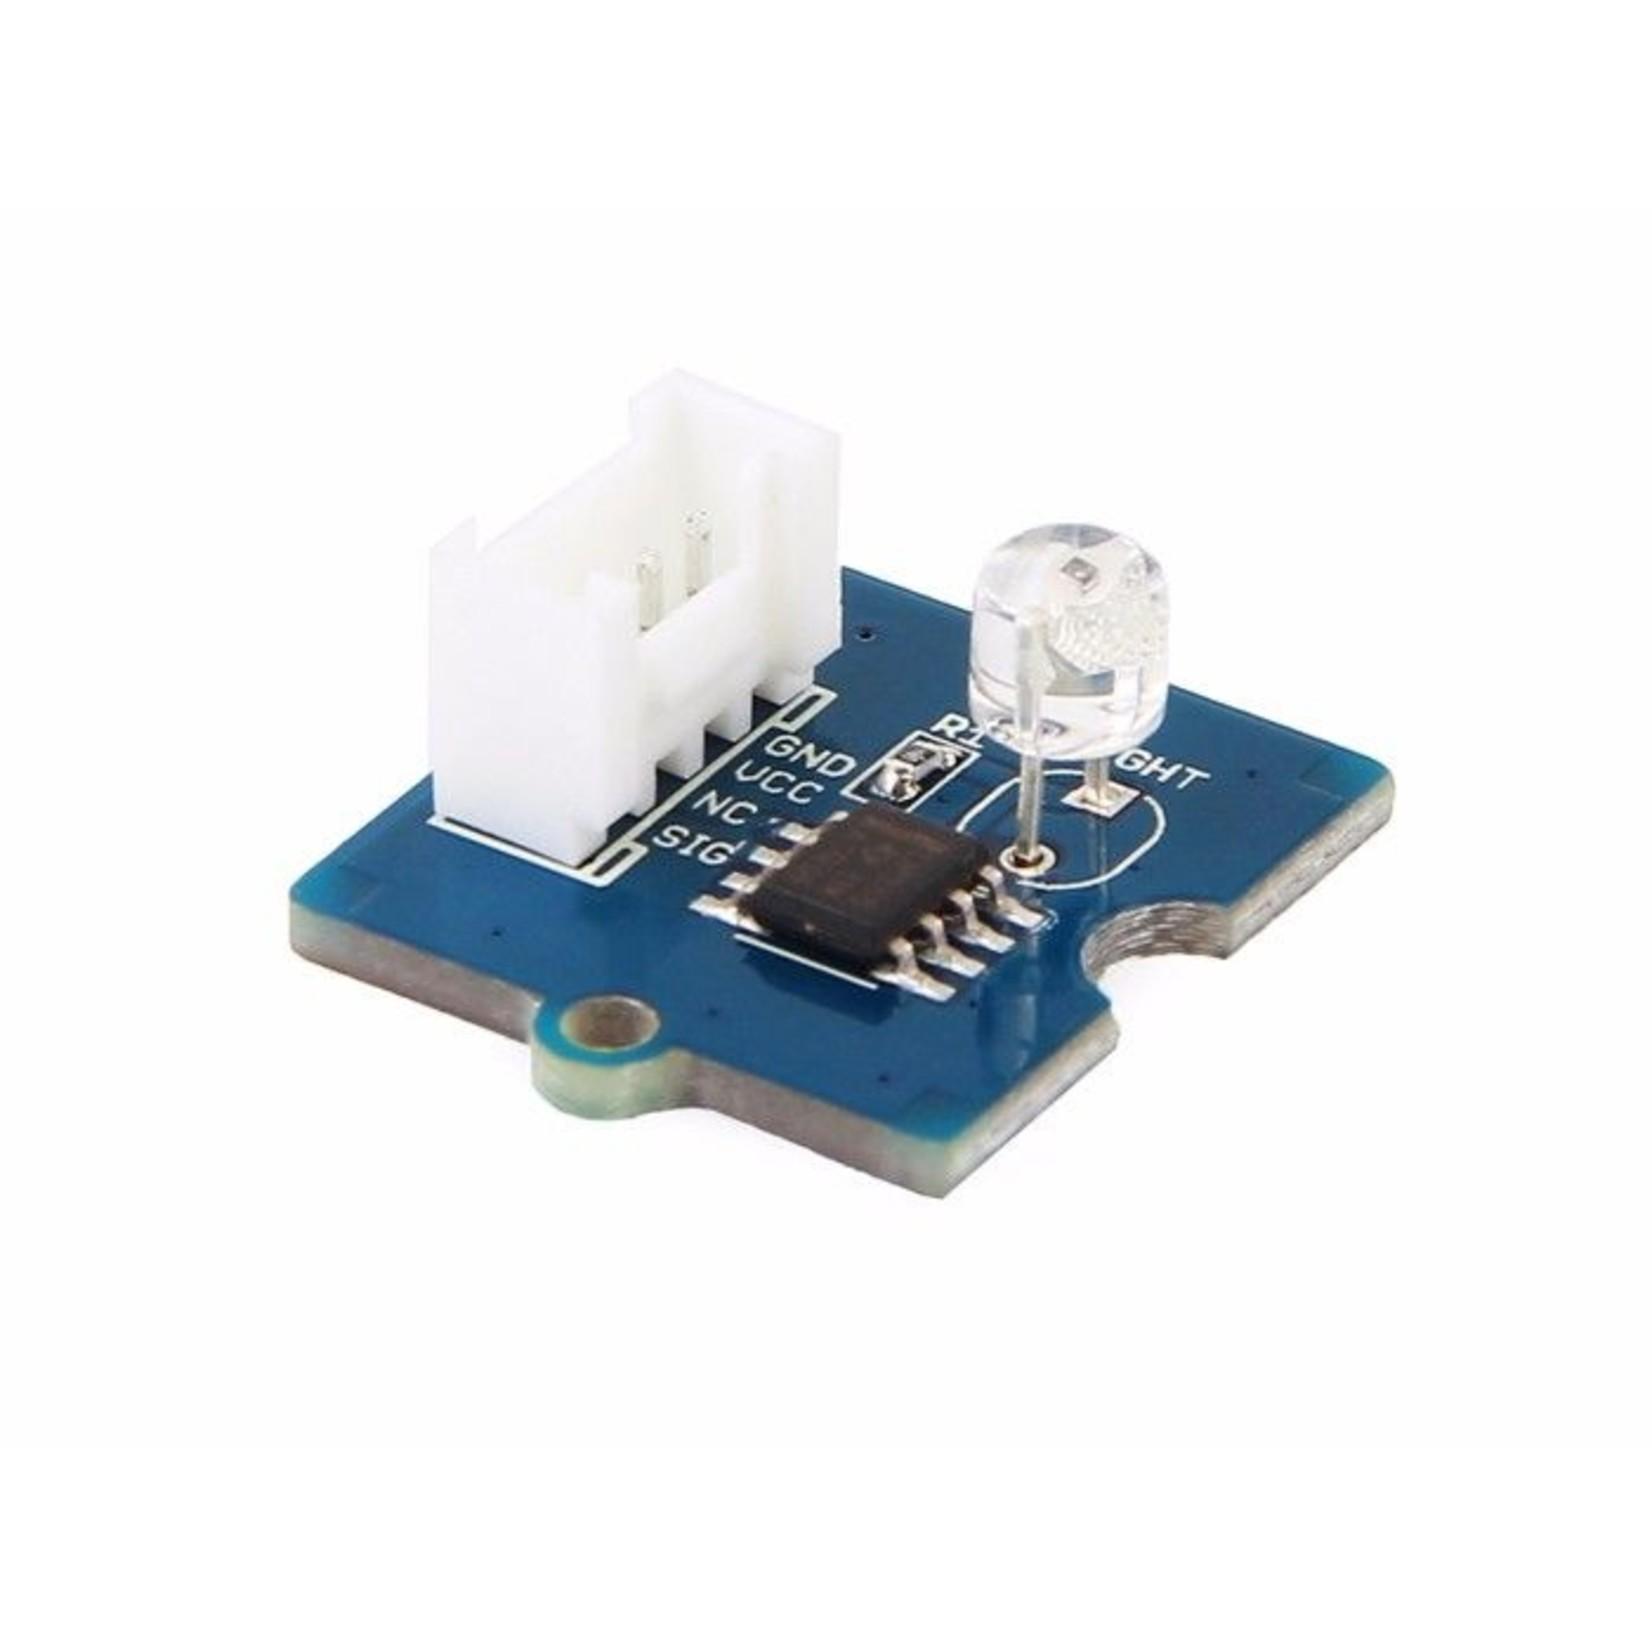 Seeed Grove - Light Sensor v1.2